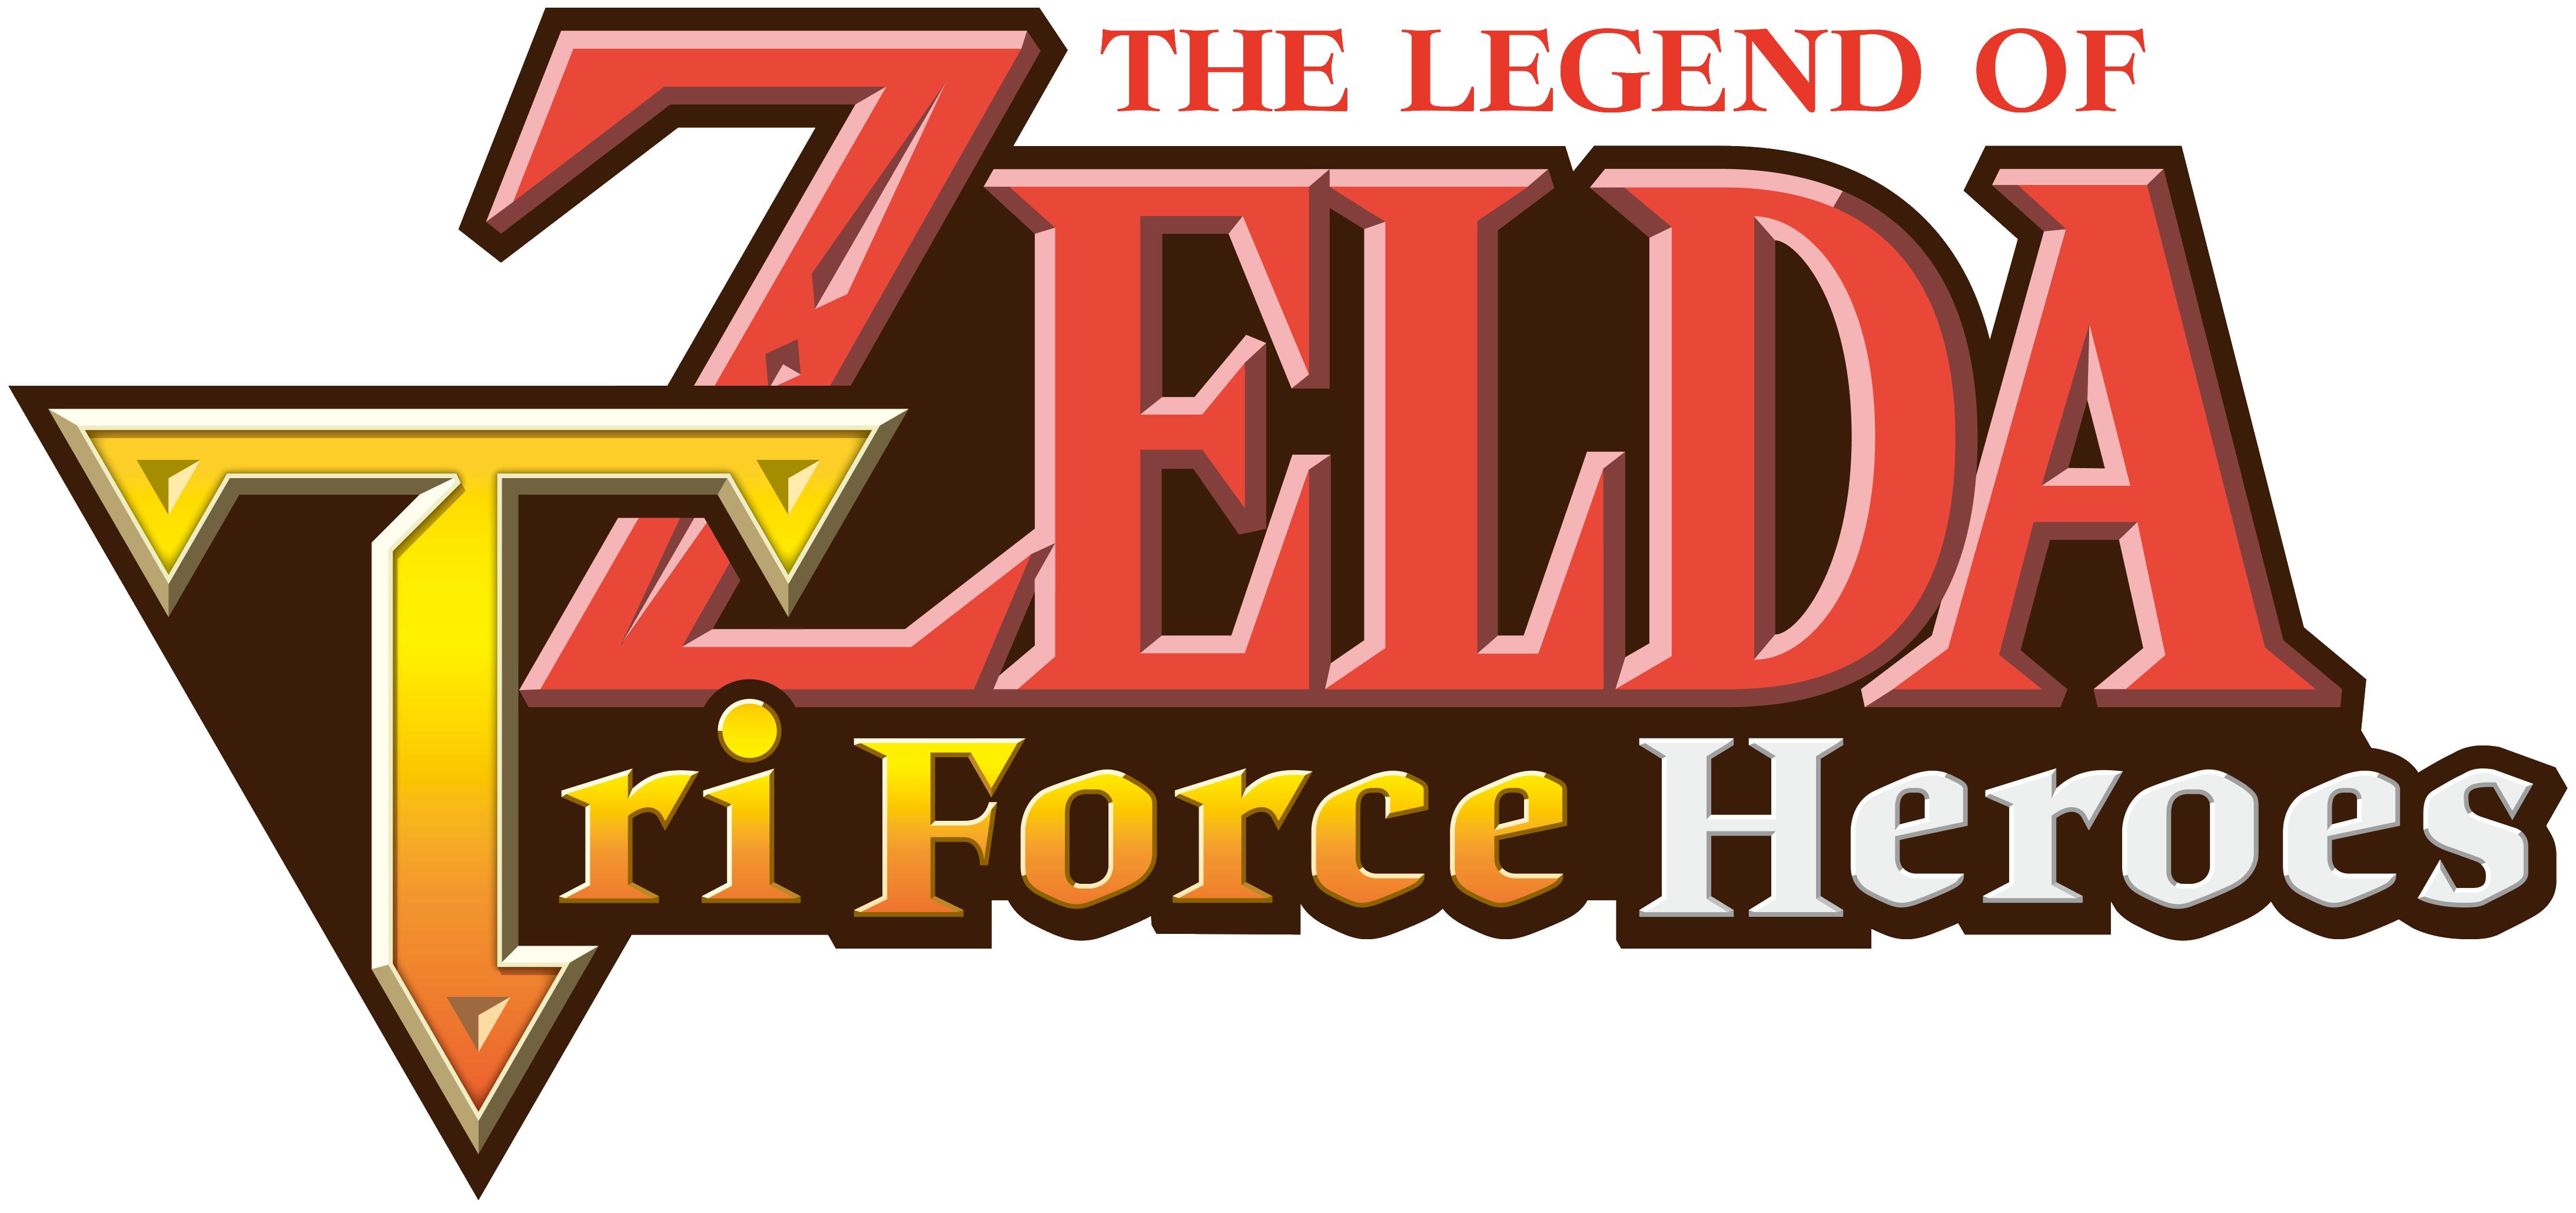 the_legend_of_zelda-_tri_force_heroes_logo